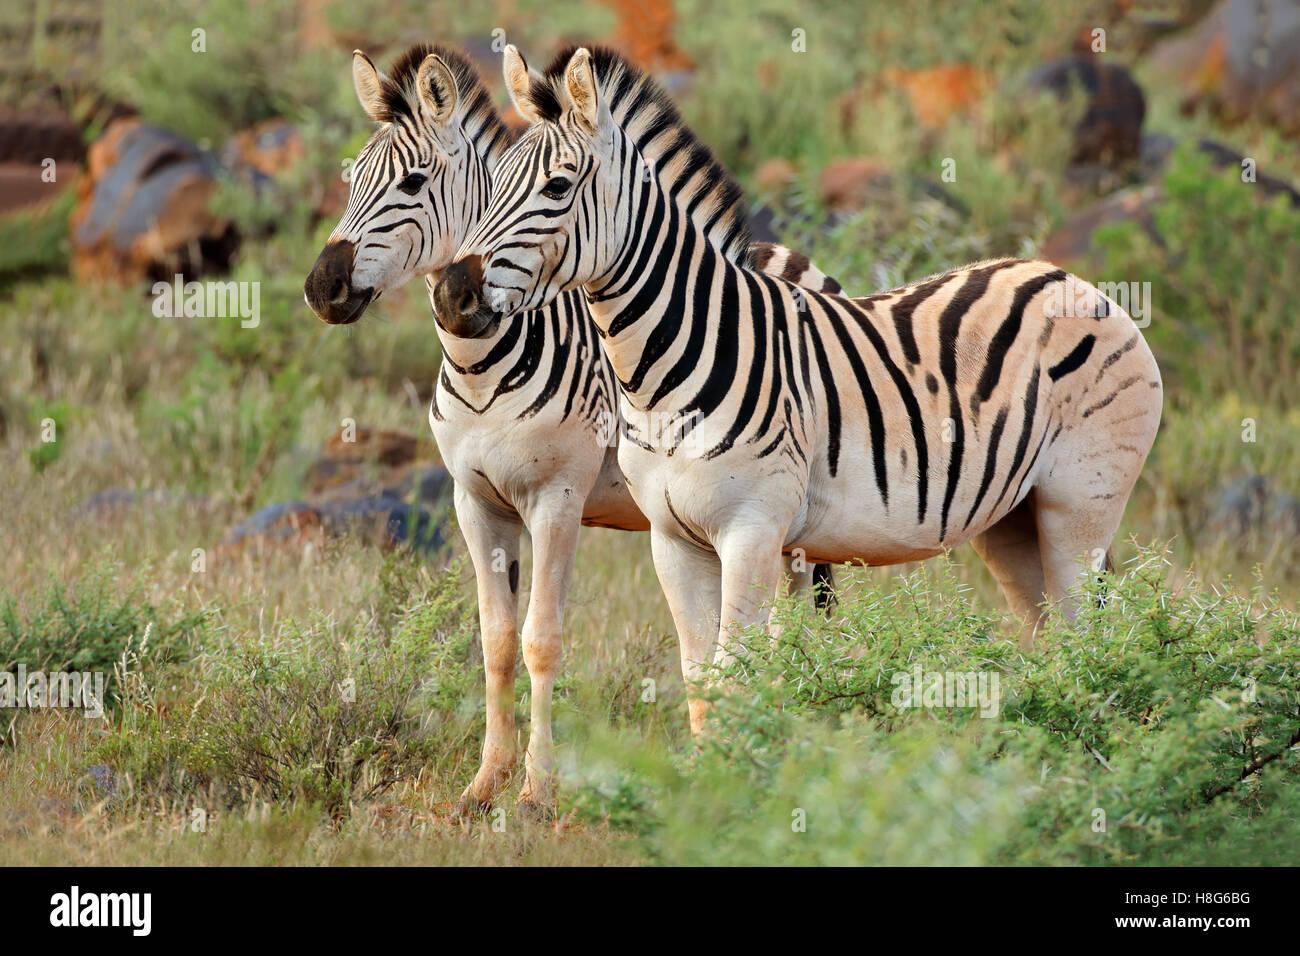 Dos llanuras (Burchells) las cebras (Equus burchelli) en su hábitat natural, Sudáfrica Imagen De Stock